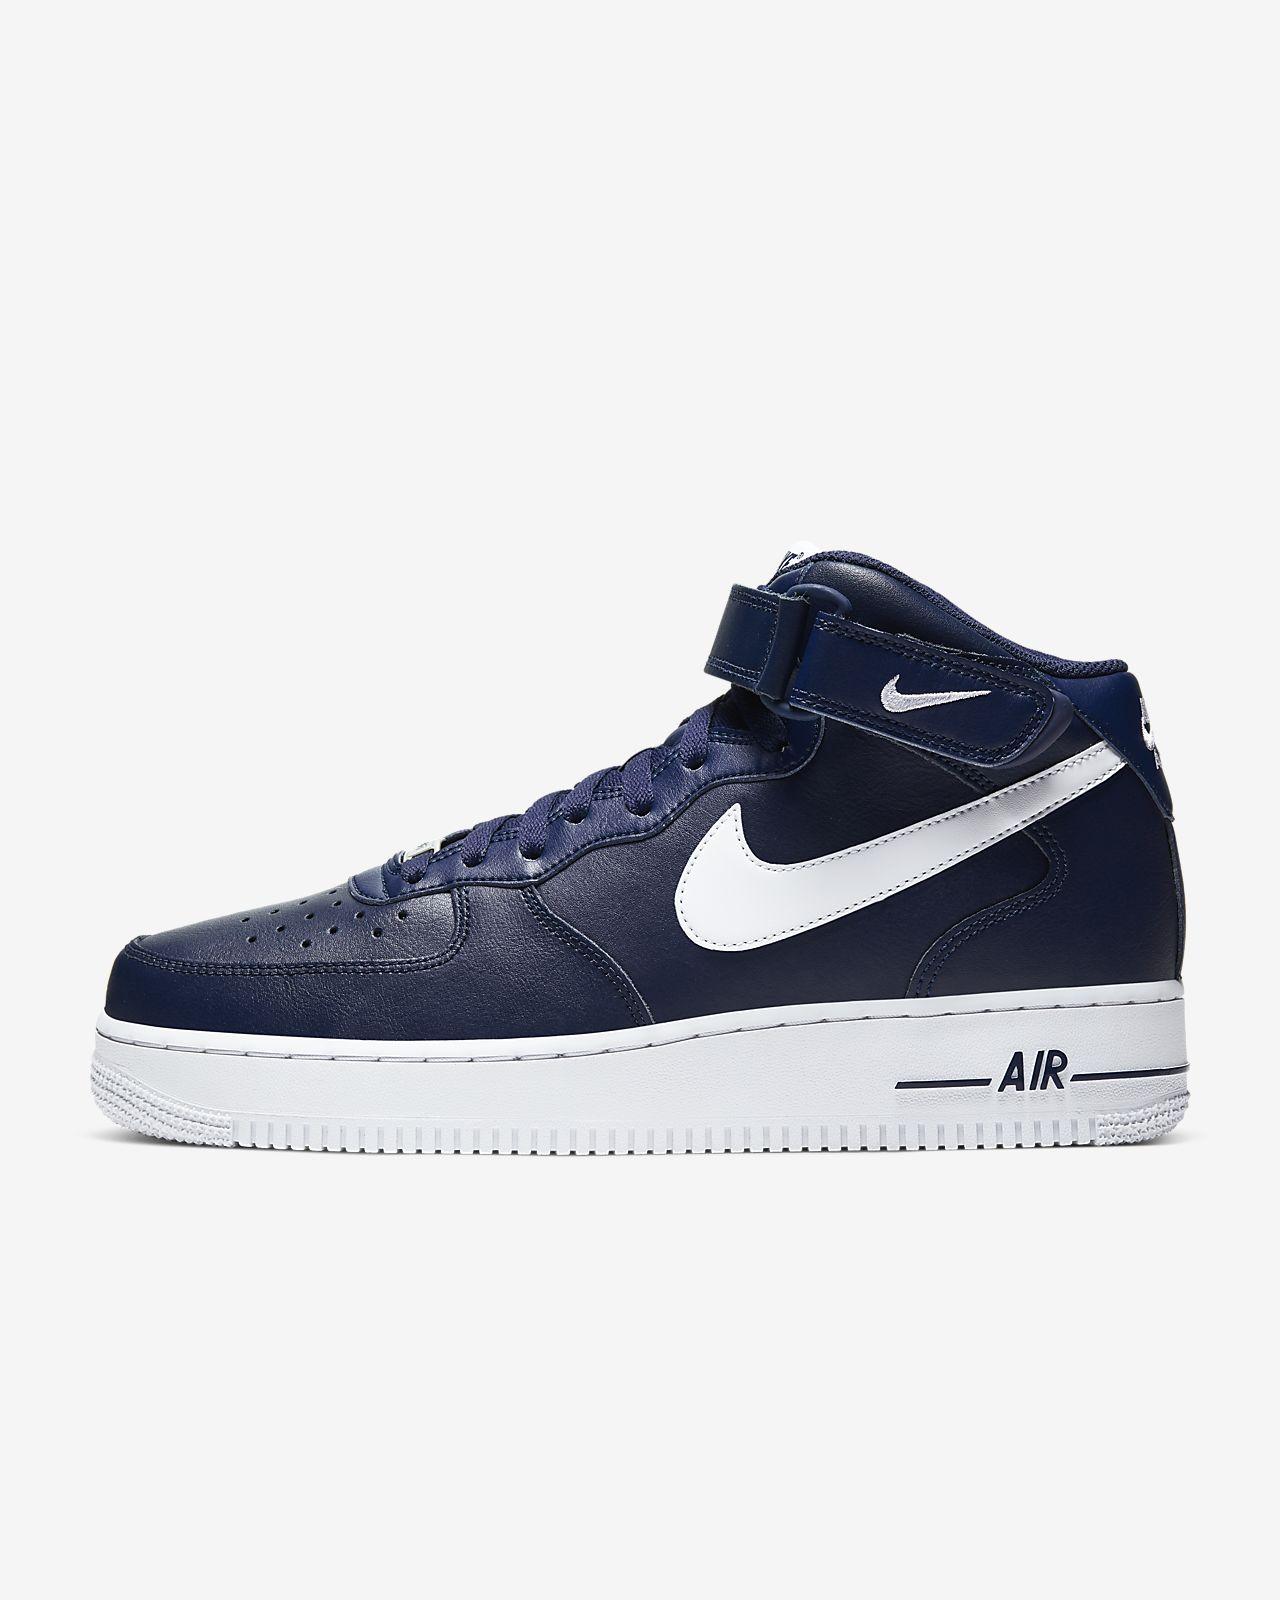 Le Migliori A Basso Costo Uomo Nike Air Force 1 Mid Casual